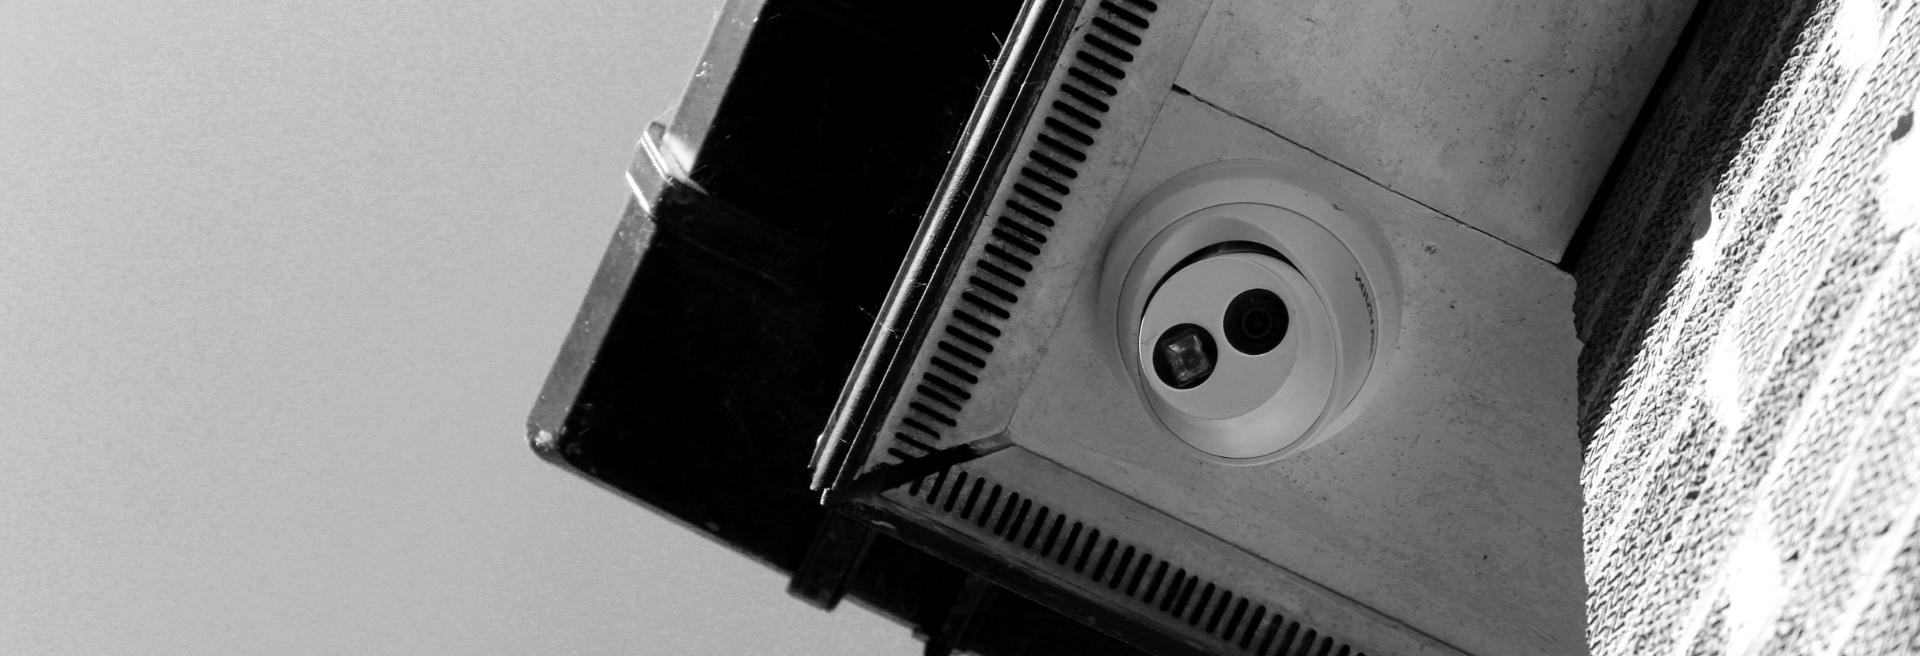 CCTV camera on home slide - minder security